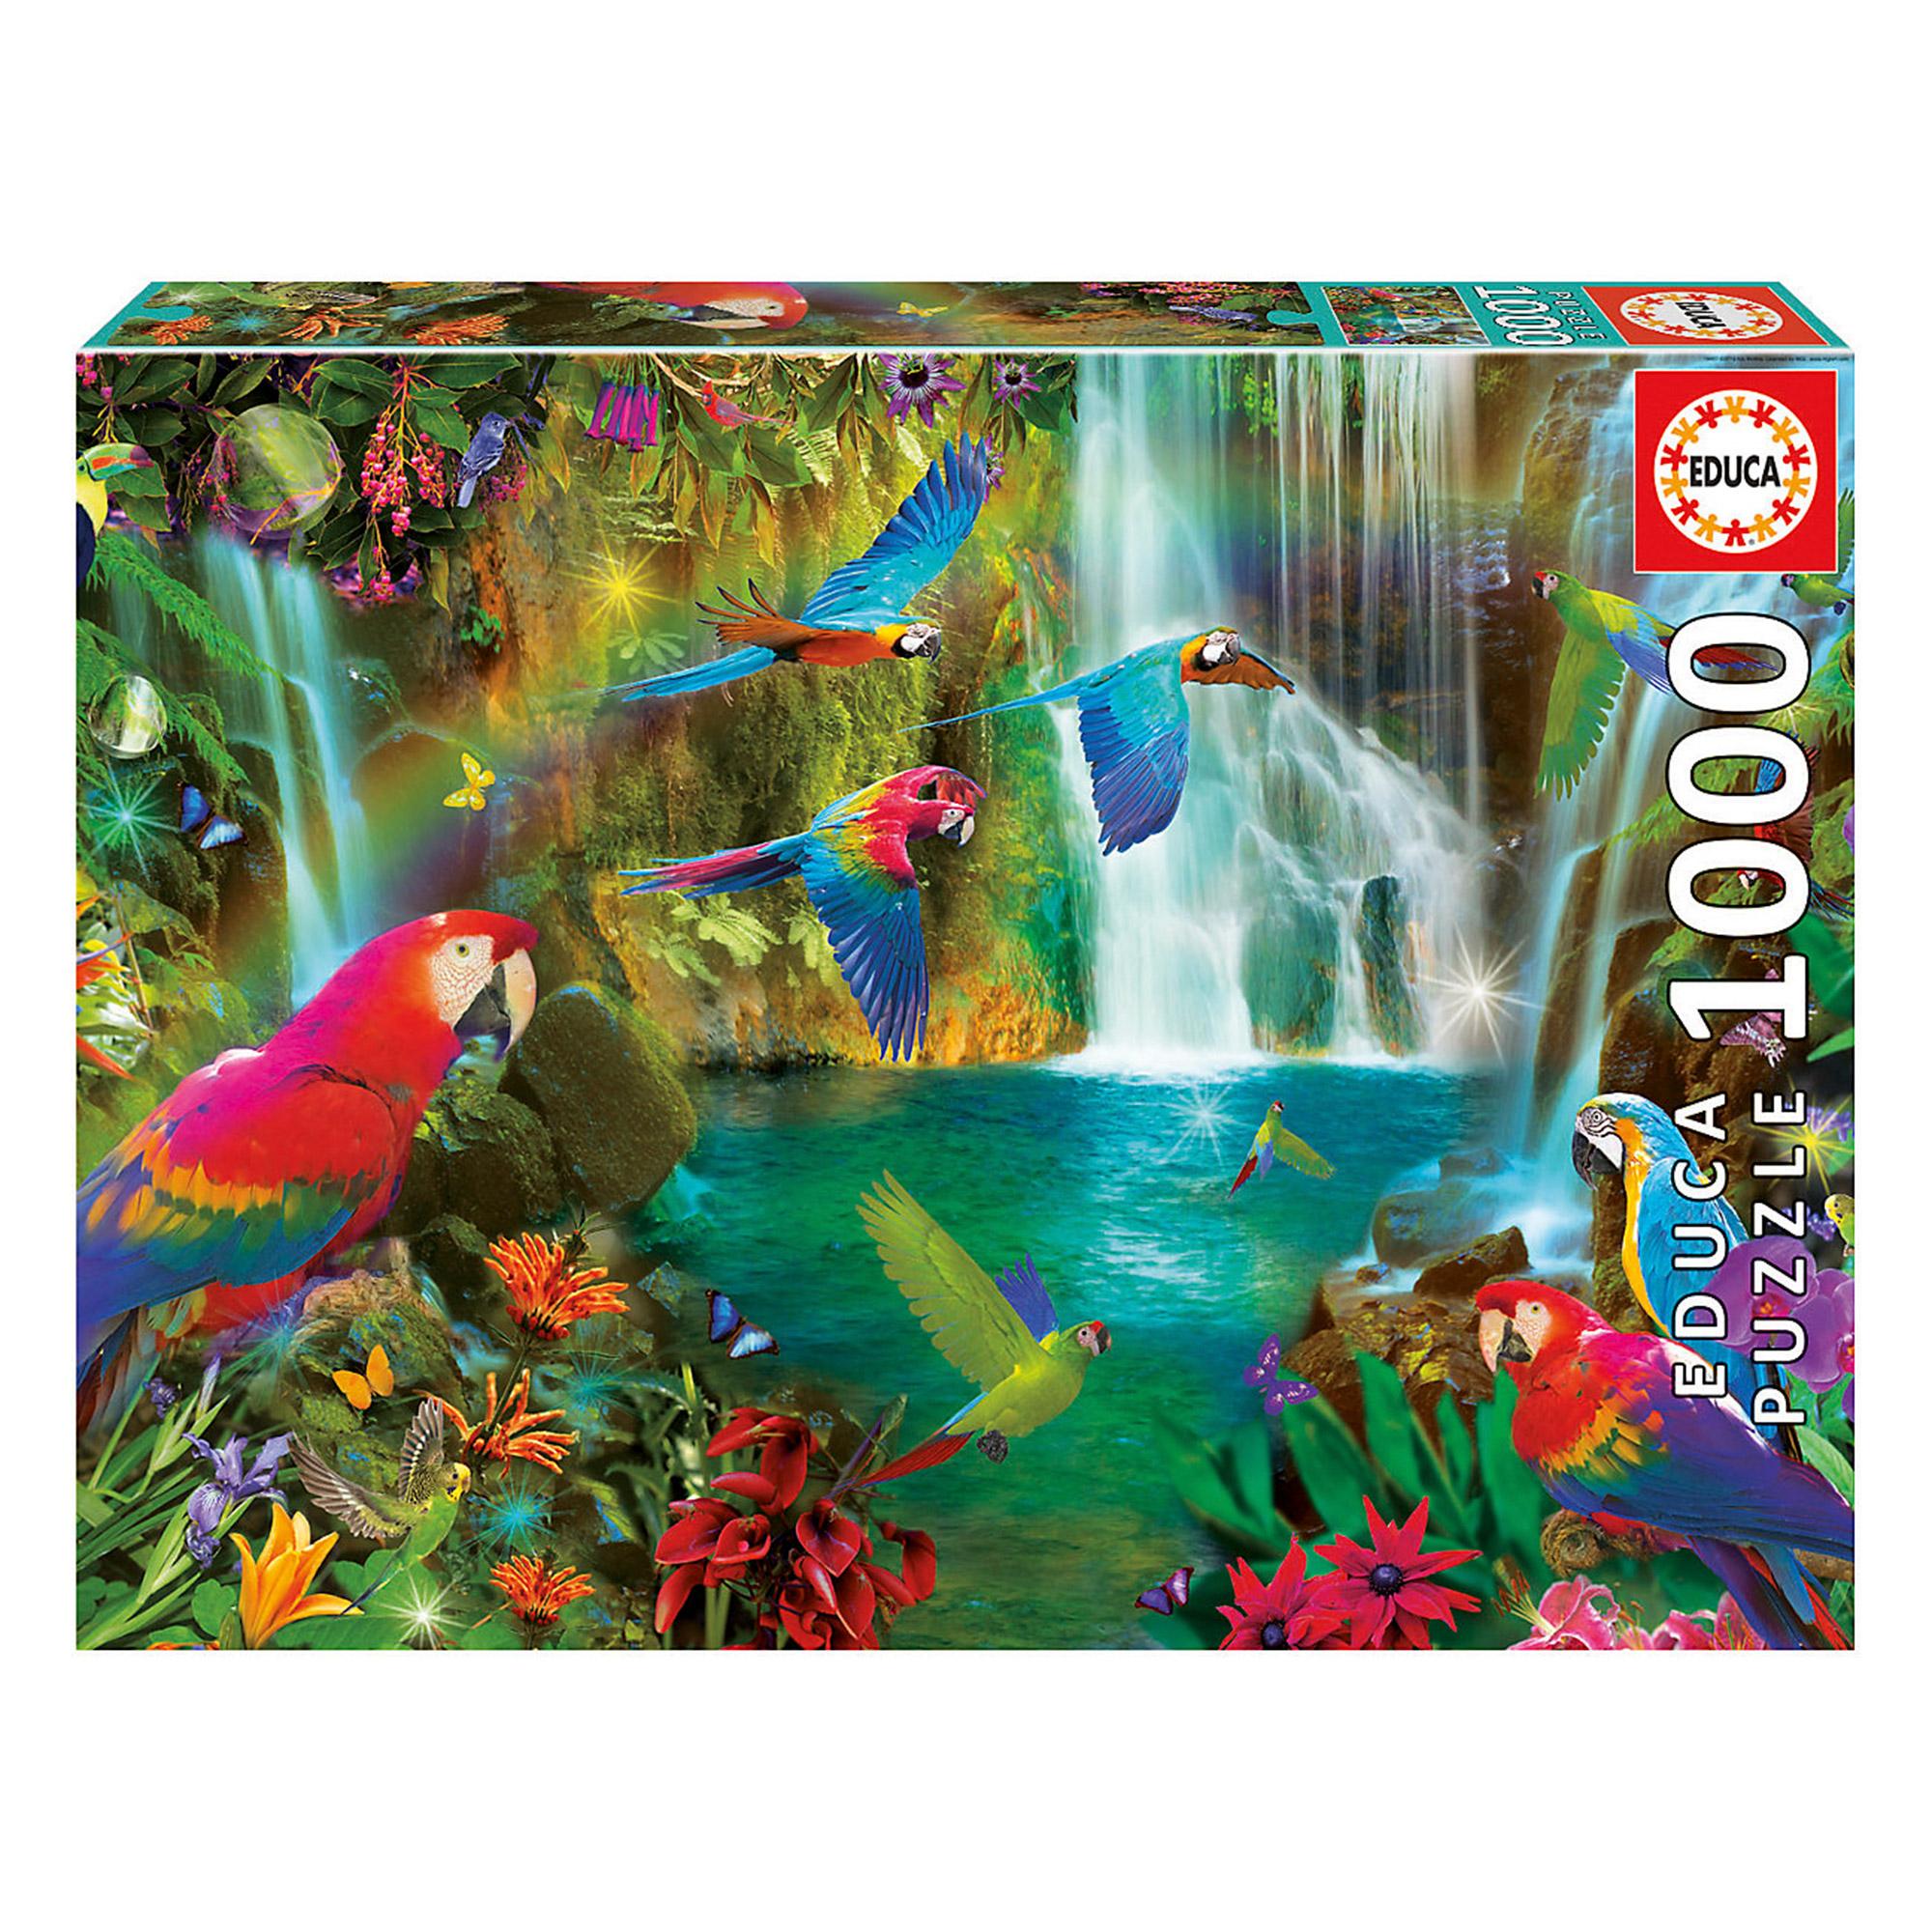 Фото - Пазл Educa Тропические попугаи 1000 деталей пазл educa мир банкнот 1000 деталей